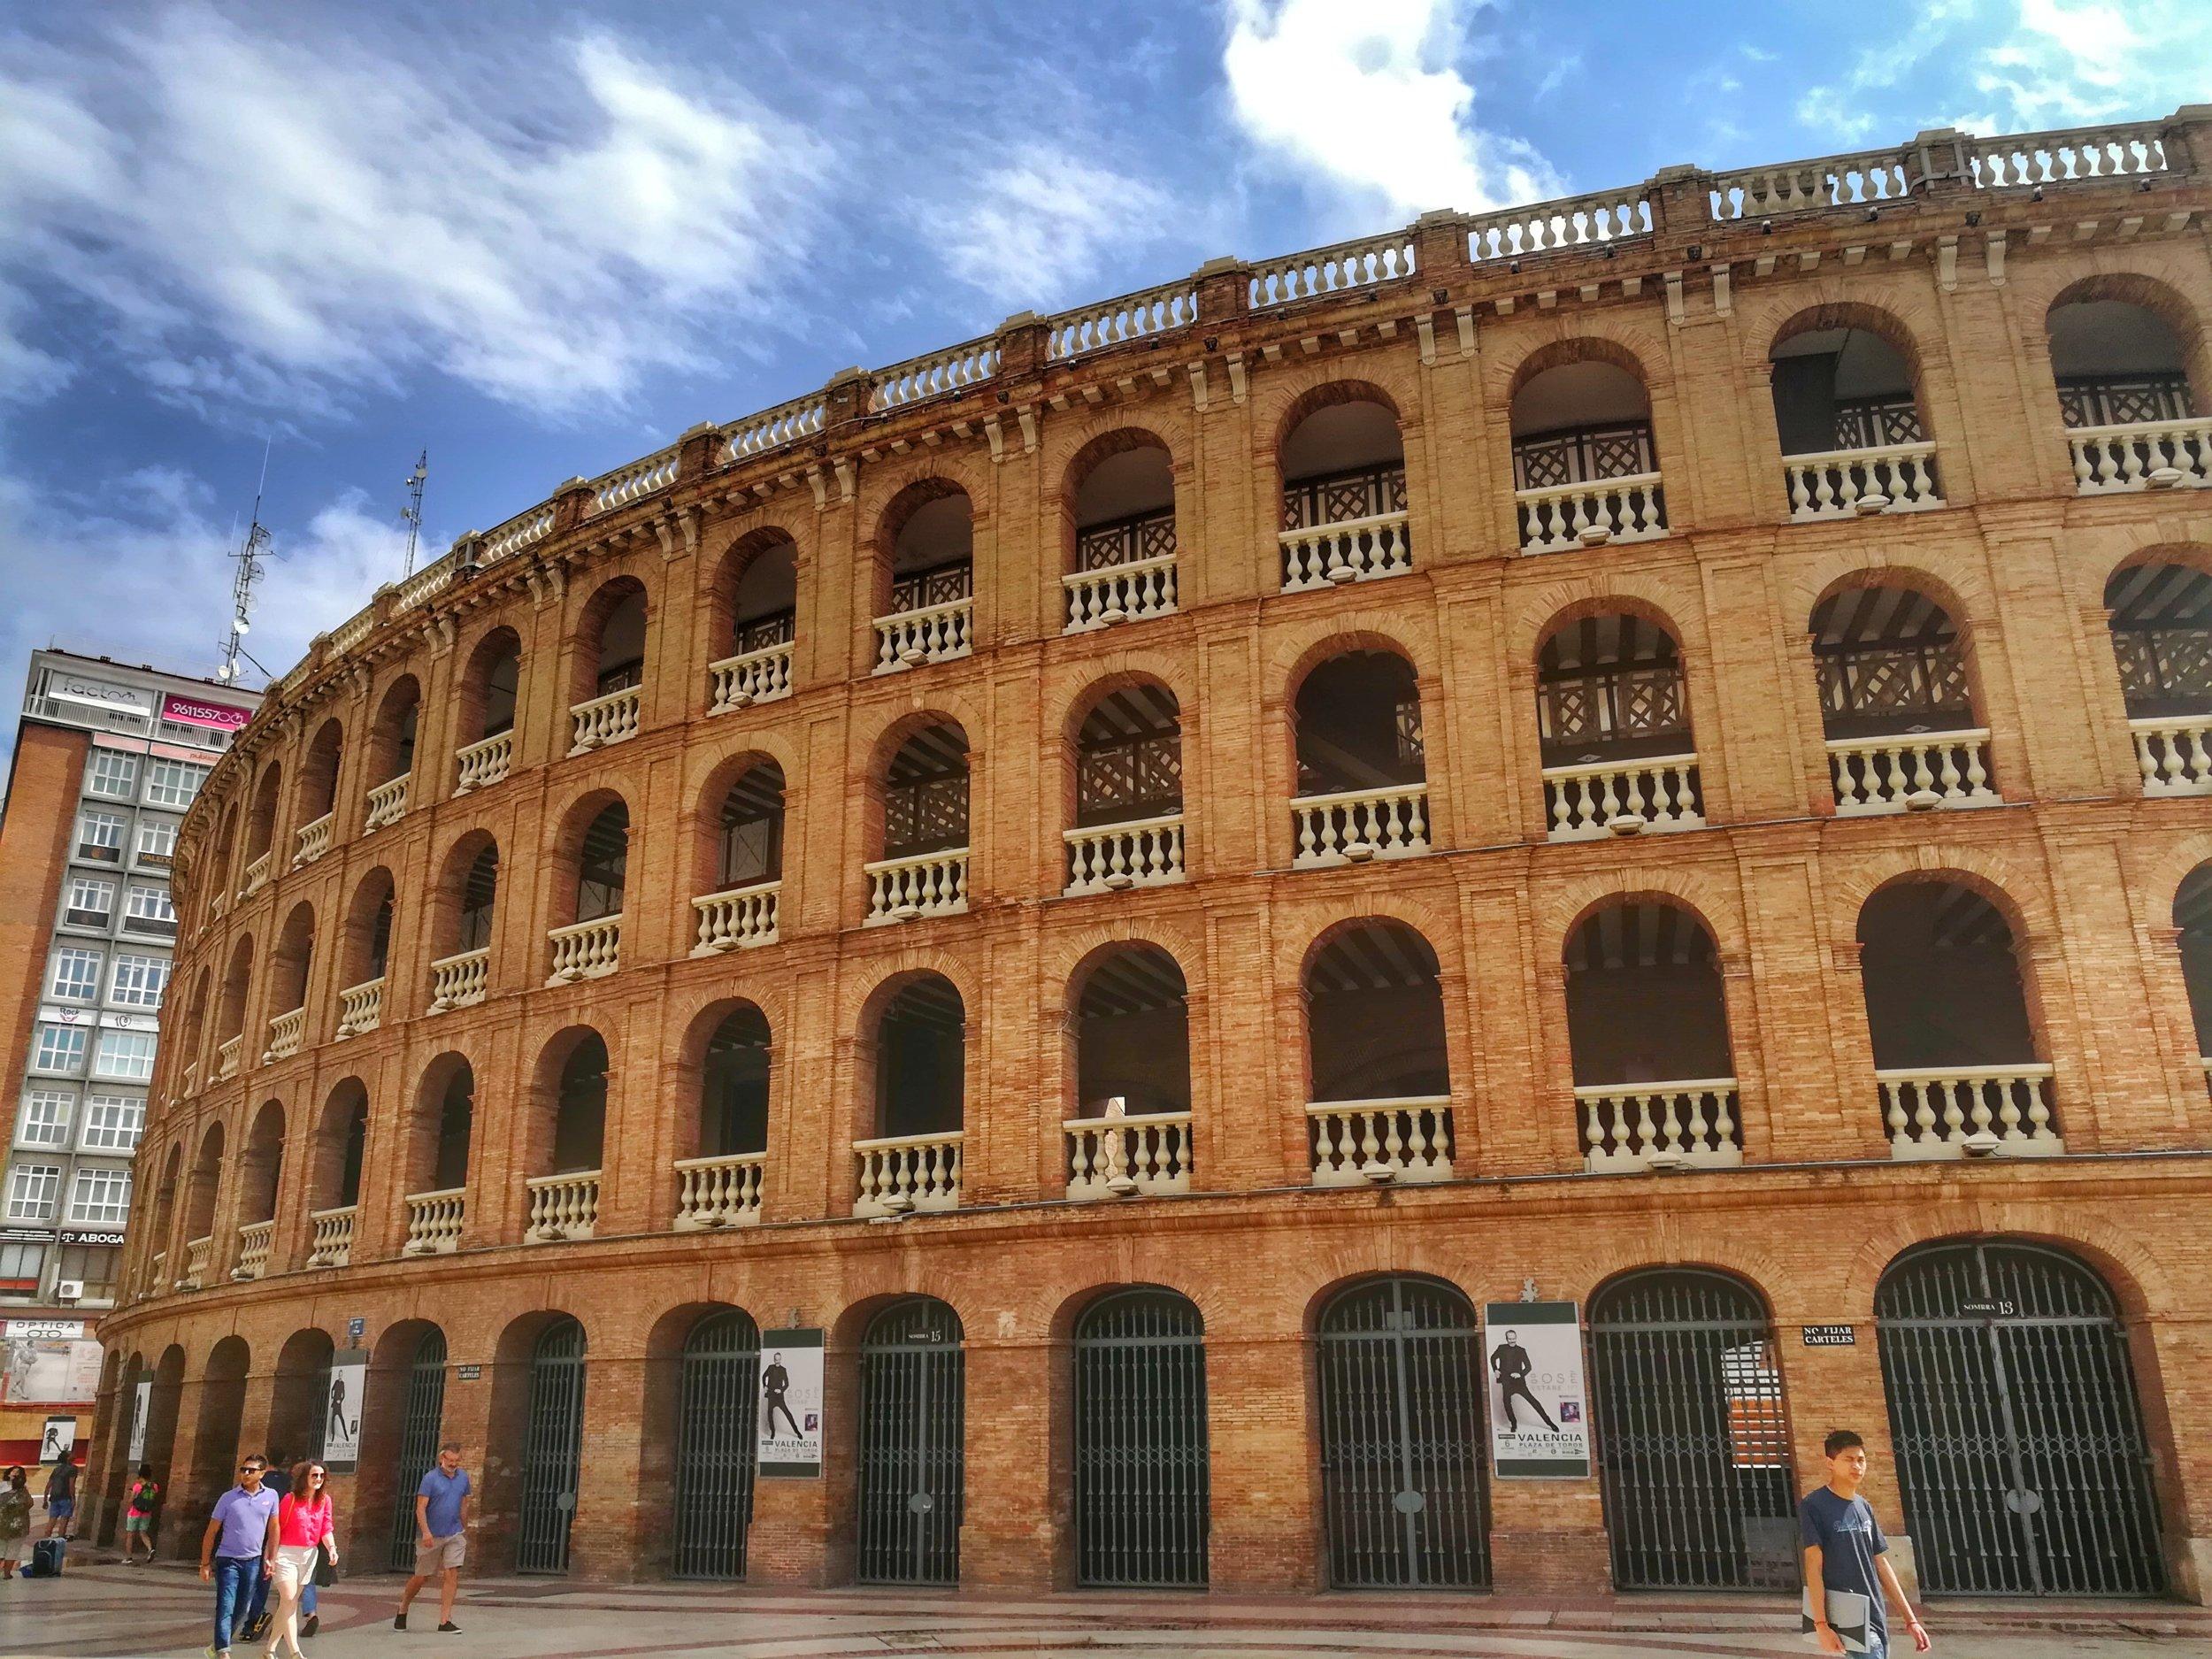 The bullfighting arena